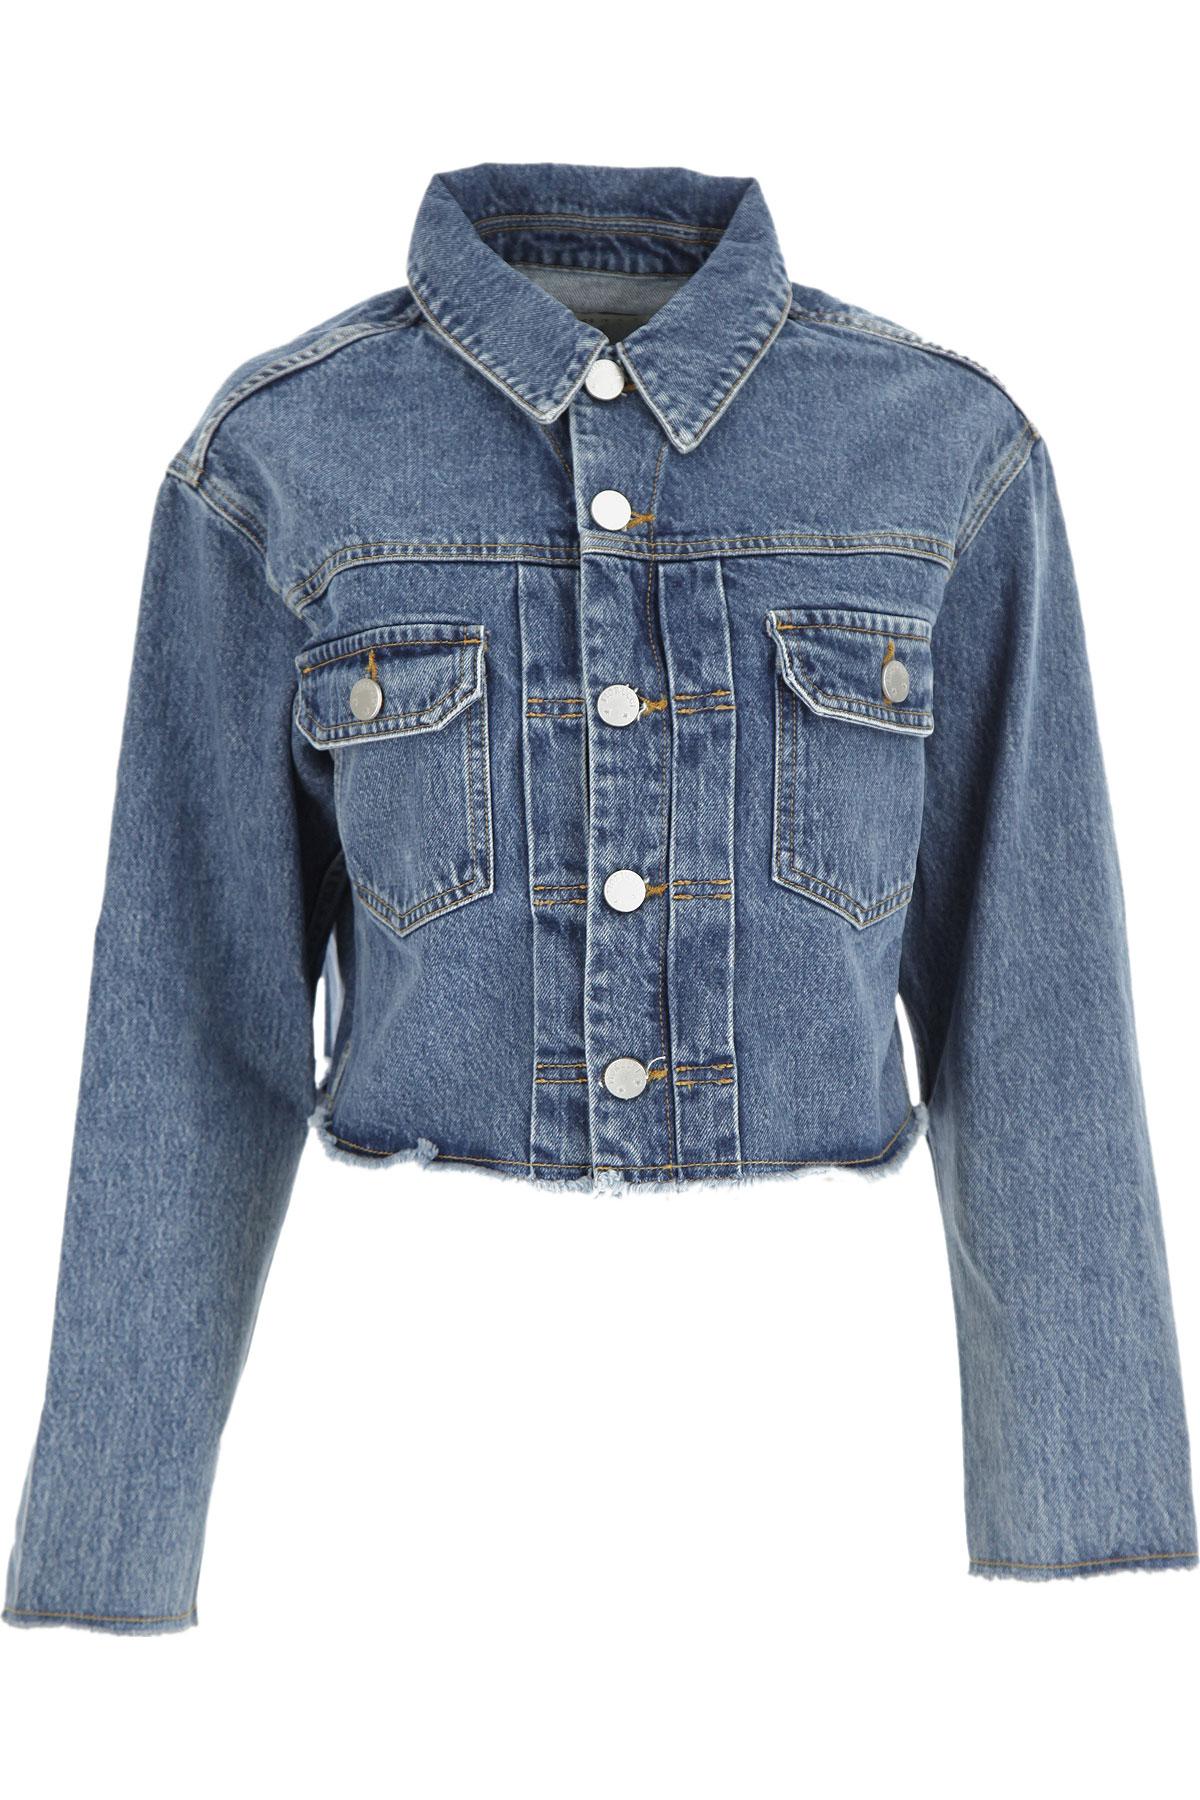 Fiorucci Jacket for Women On Sale, Blue Denim, Cotton, 2019, 2 4 6